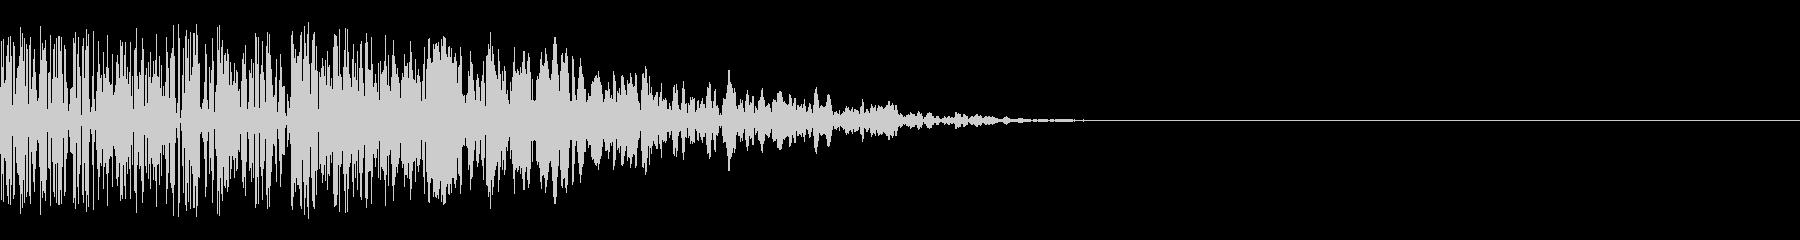 カキーン(決定音/刀/和風/アプリ)の未再生の波形